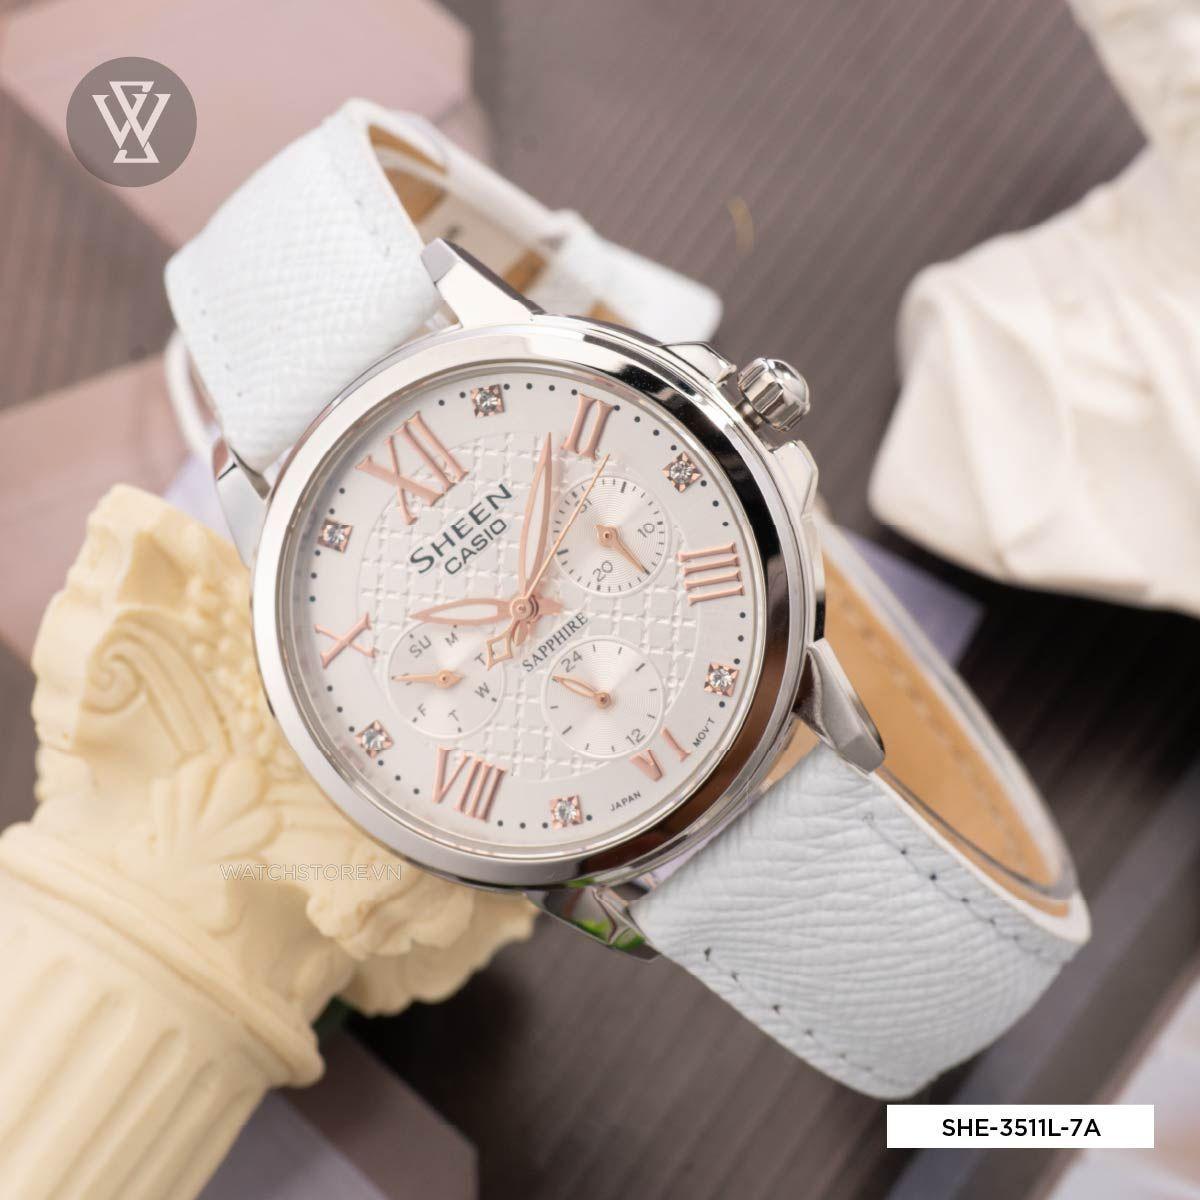 Top 6 các hãng đồng hồ nổi tiếng cho nữ nên mua - Ảnh 1